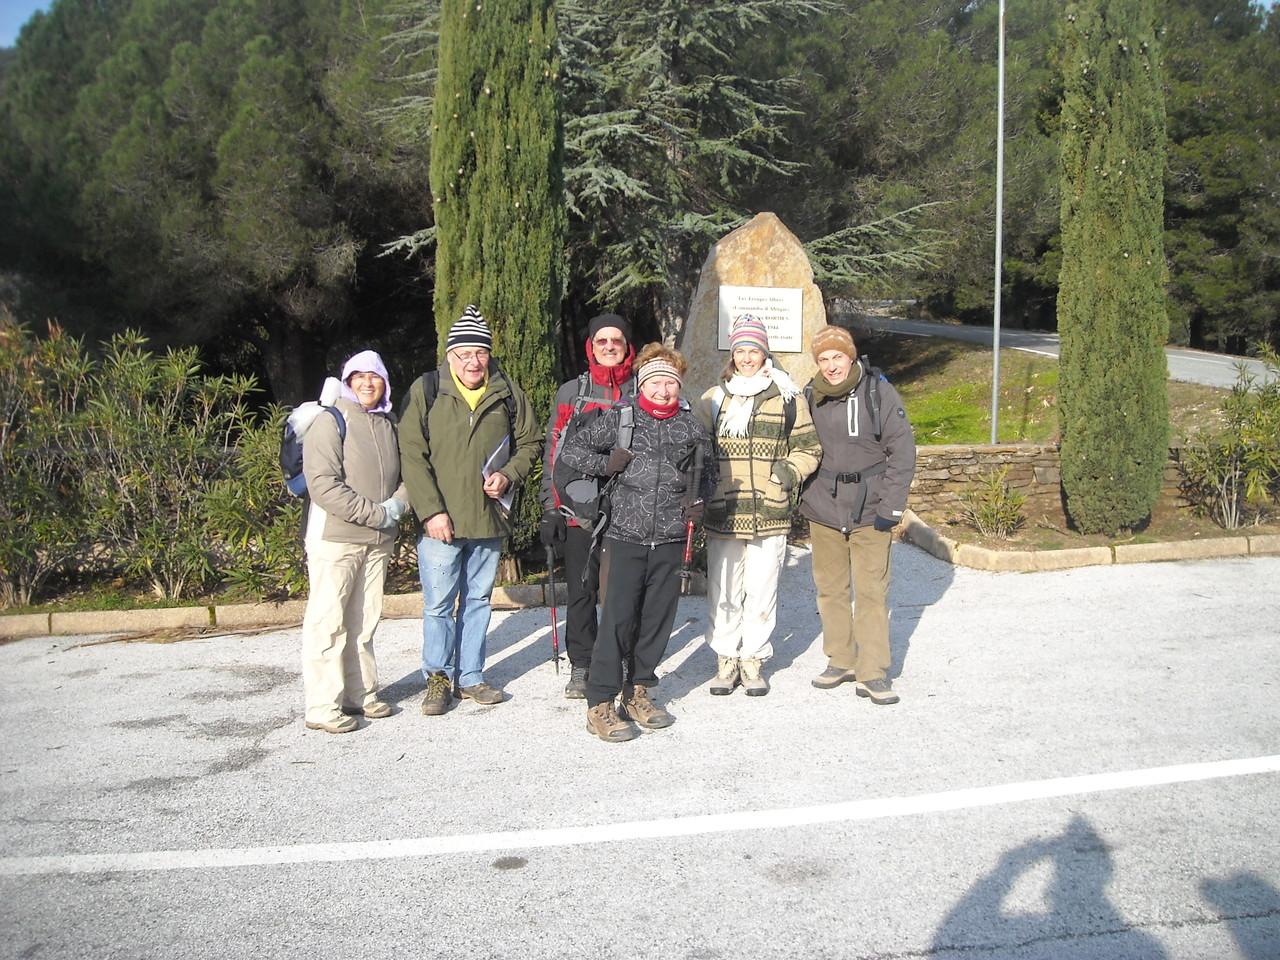 Le groupe au complet photographié par les gendarmes de Bormes